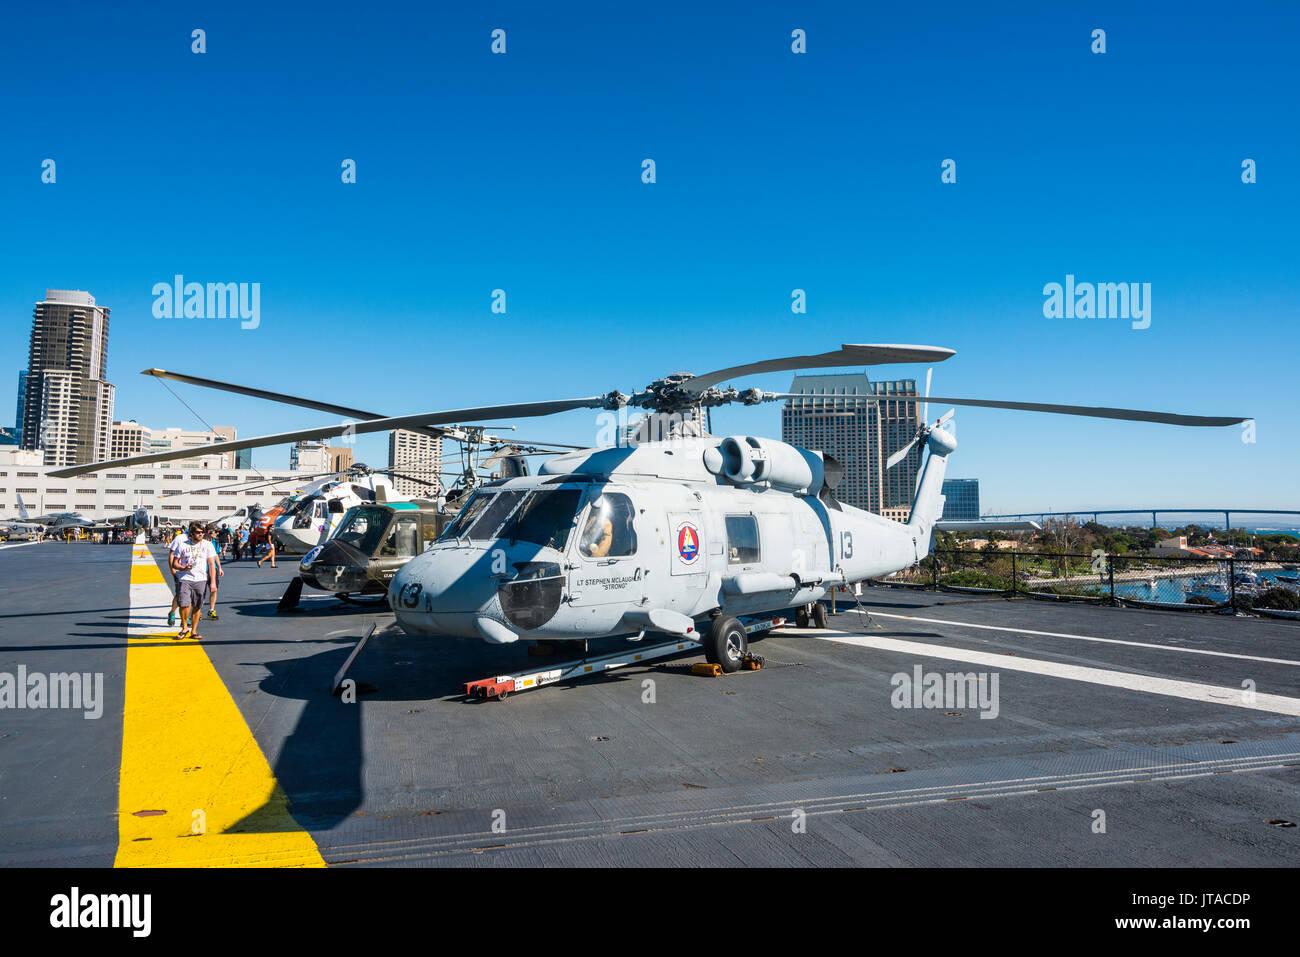 Sur le pont d'hélicoptères de l'USS Midway Museum, San Diego, Californie, États-Unis d'Amérique, Amérique du Nord Photo Stock